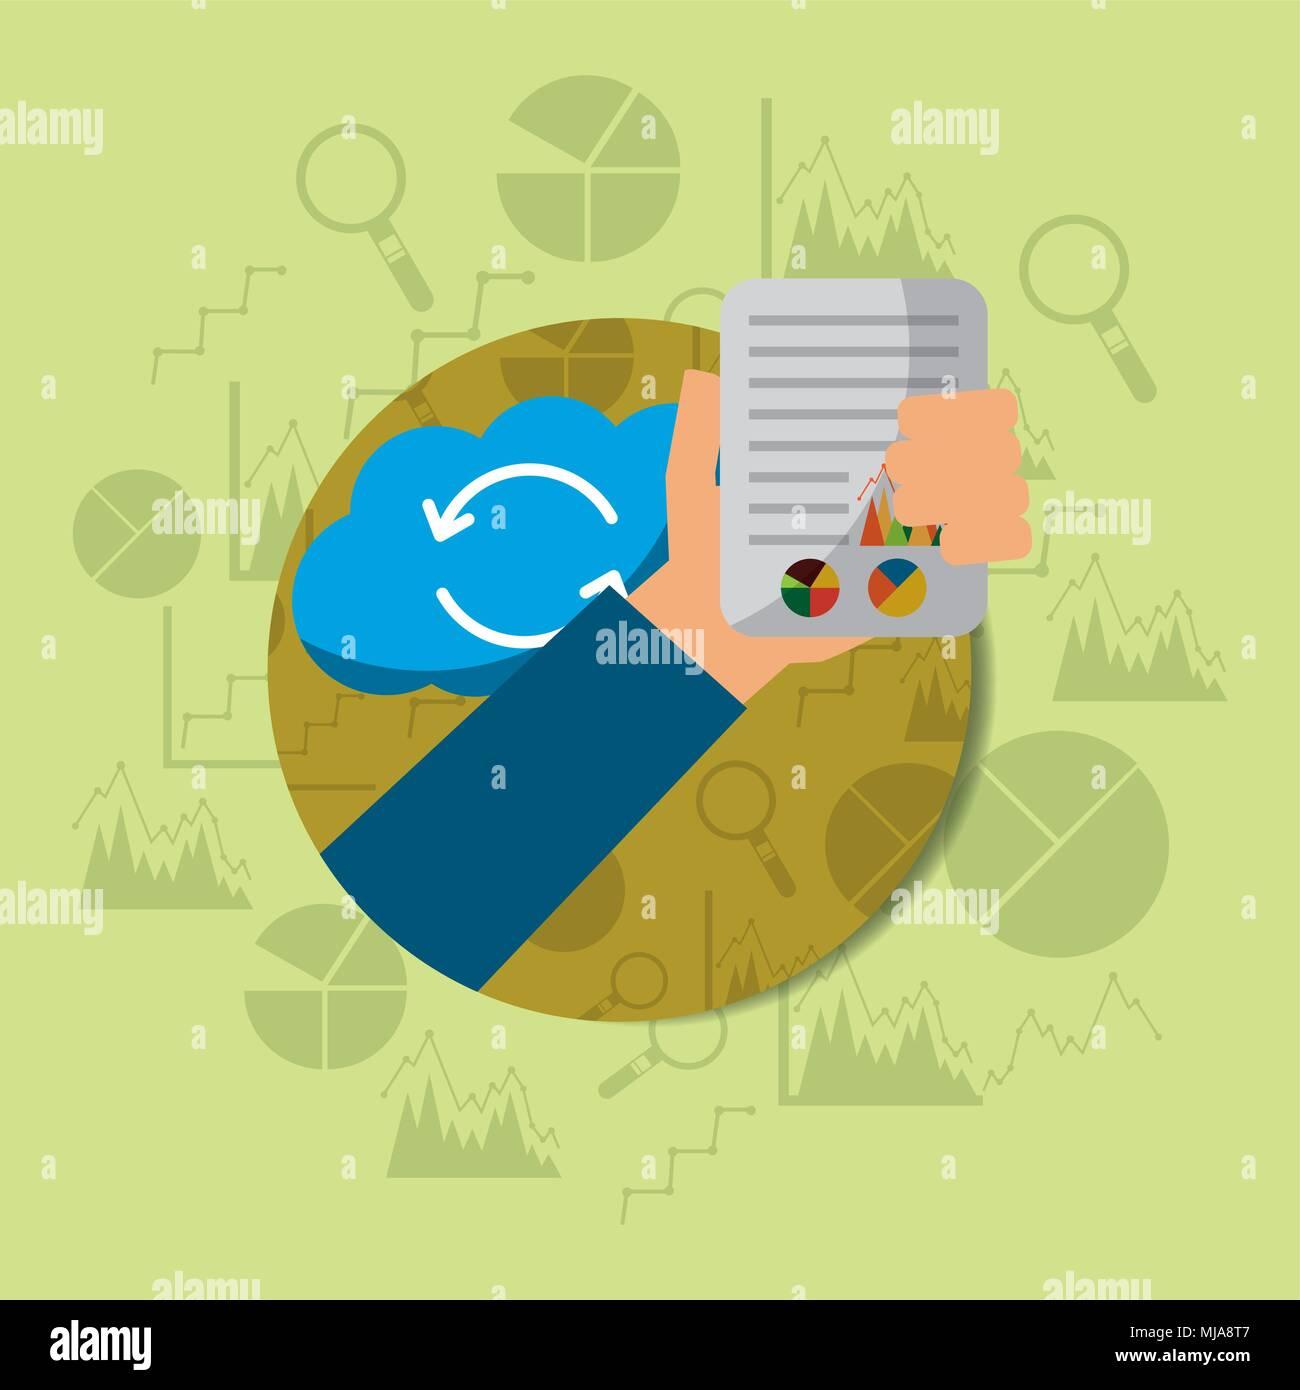 Mano sujetando el documento financiero ilustración vectorial de almacenamiento en la nube Imagen De Stock